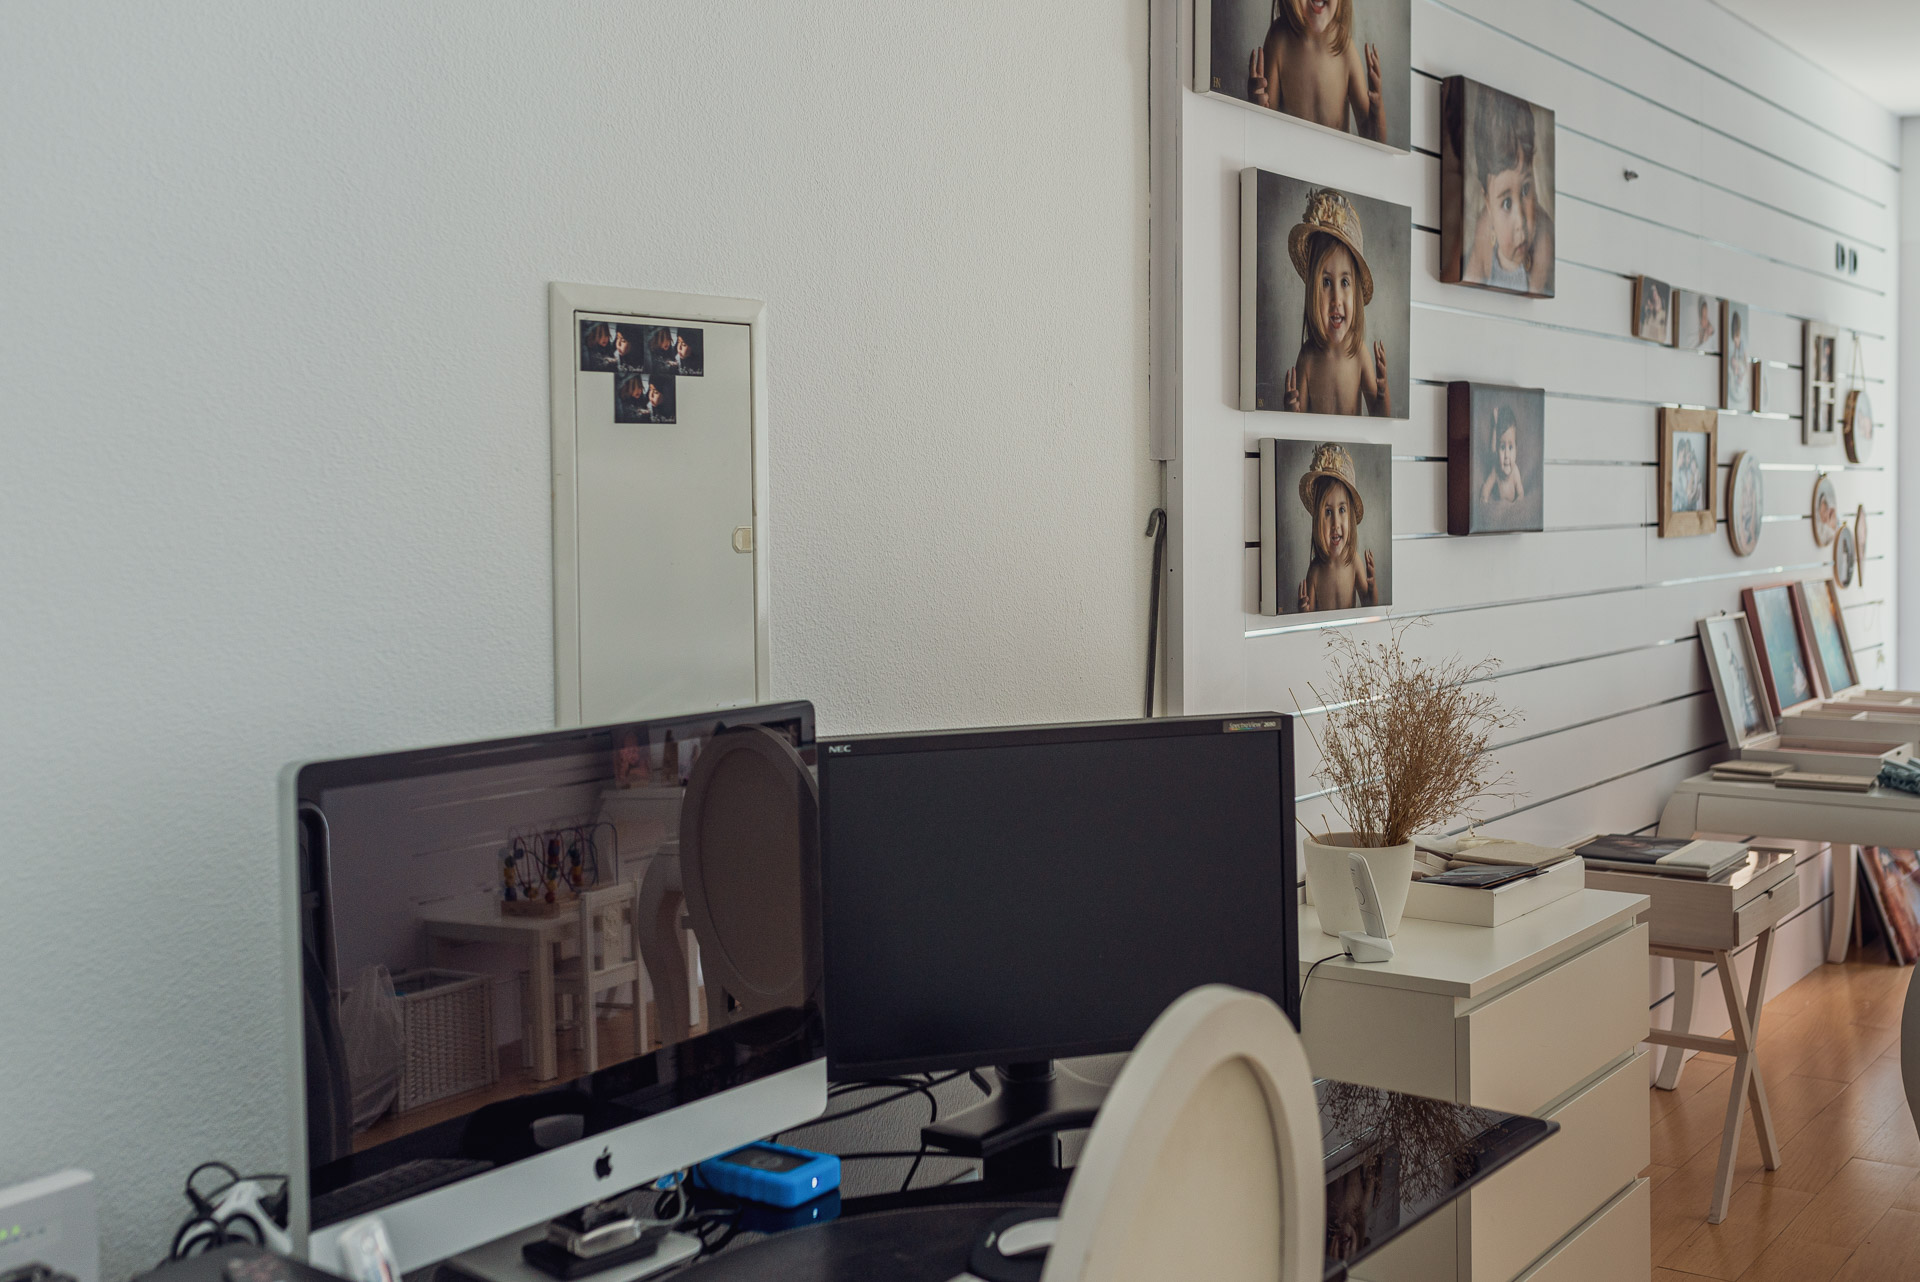 oficina hnfotografo calle boteros6